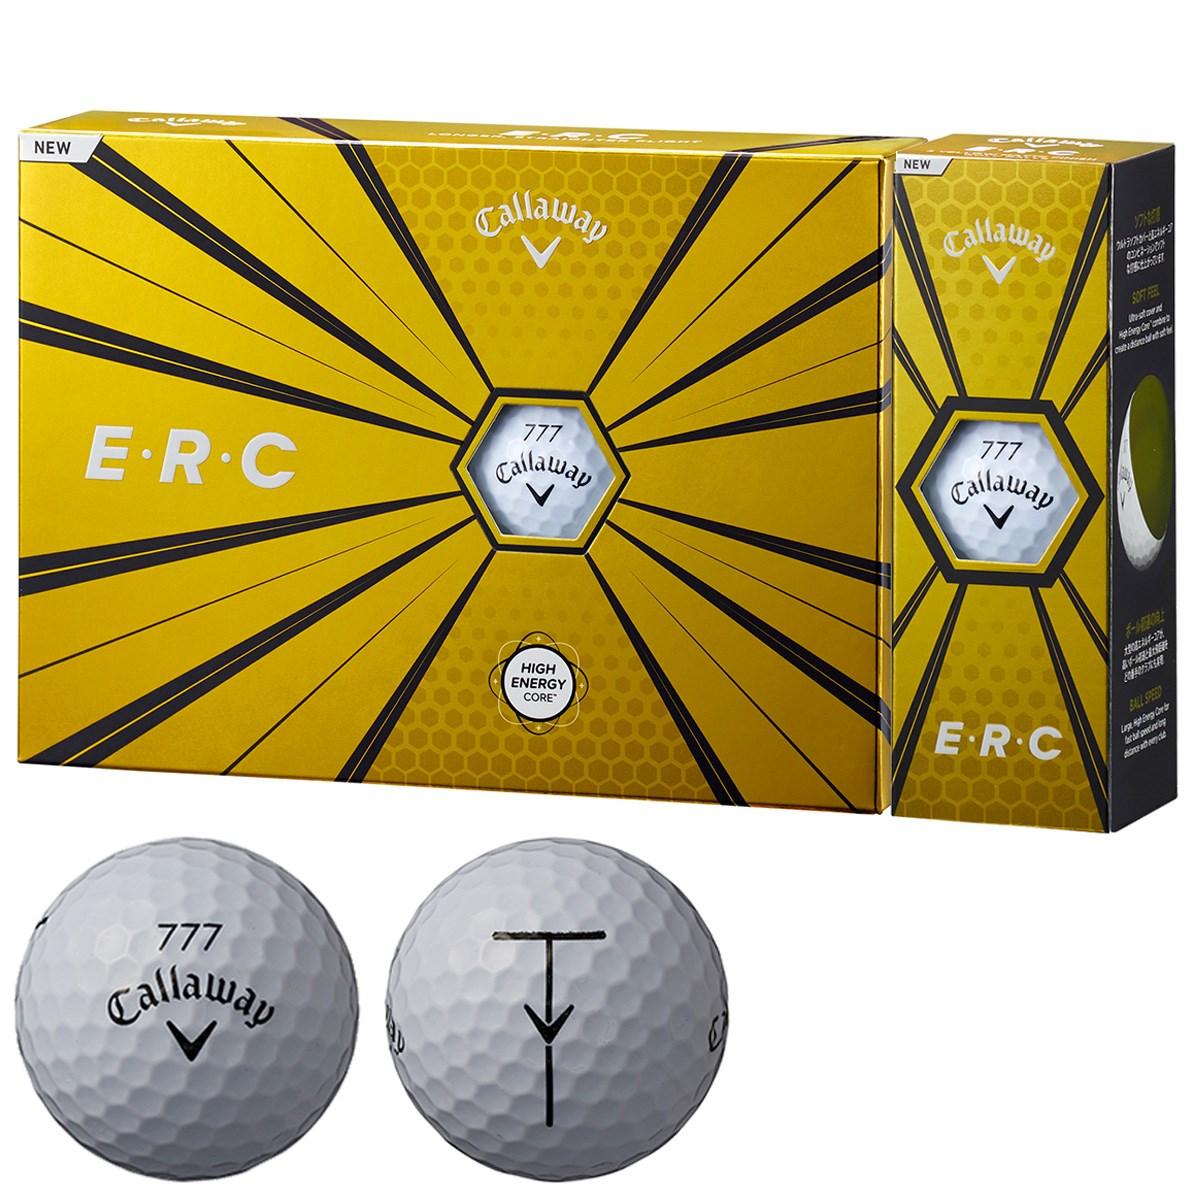 キャロウェイゴルフ E・R・C ERC 19 ボール 1ダース(12個入り) ホワイト